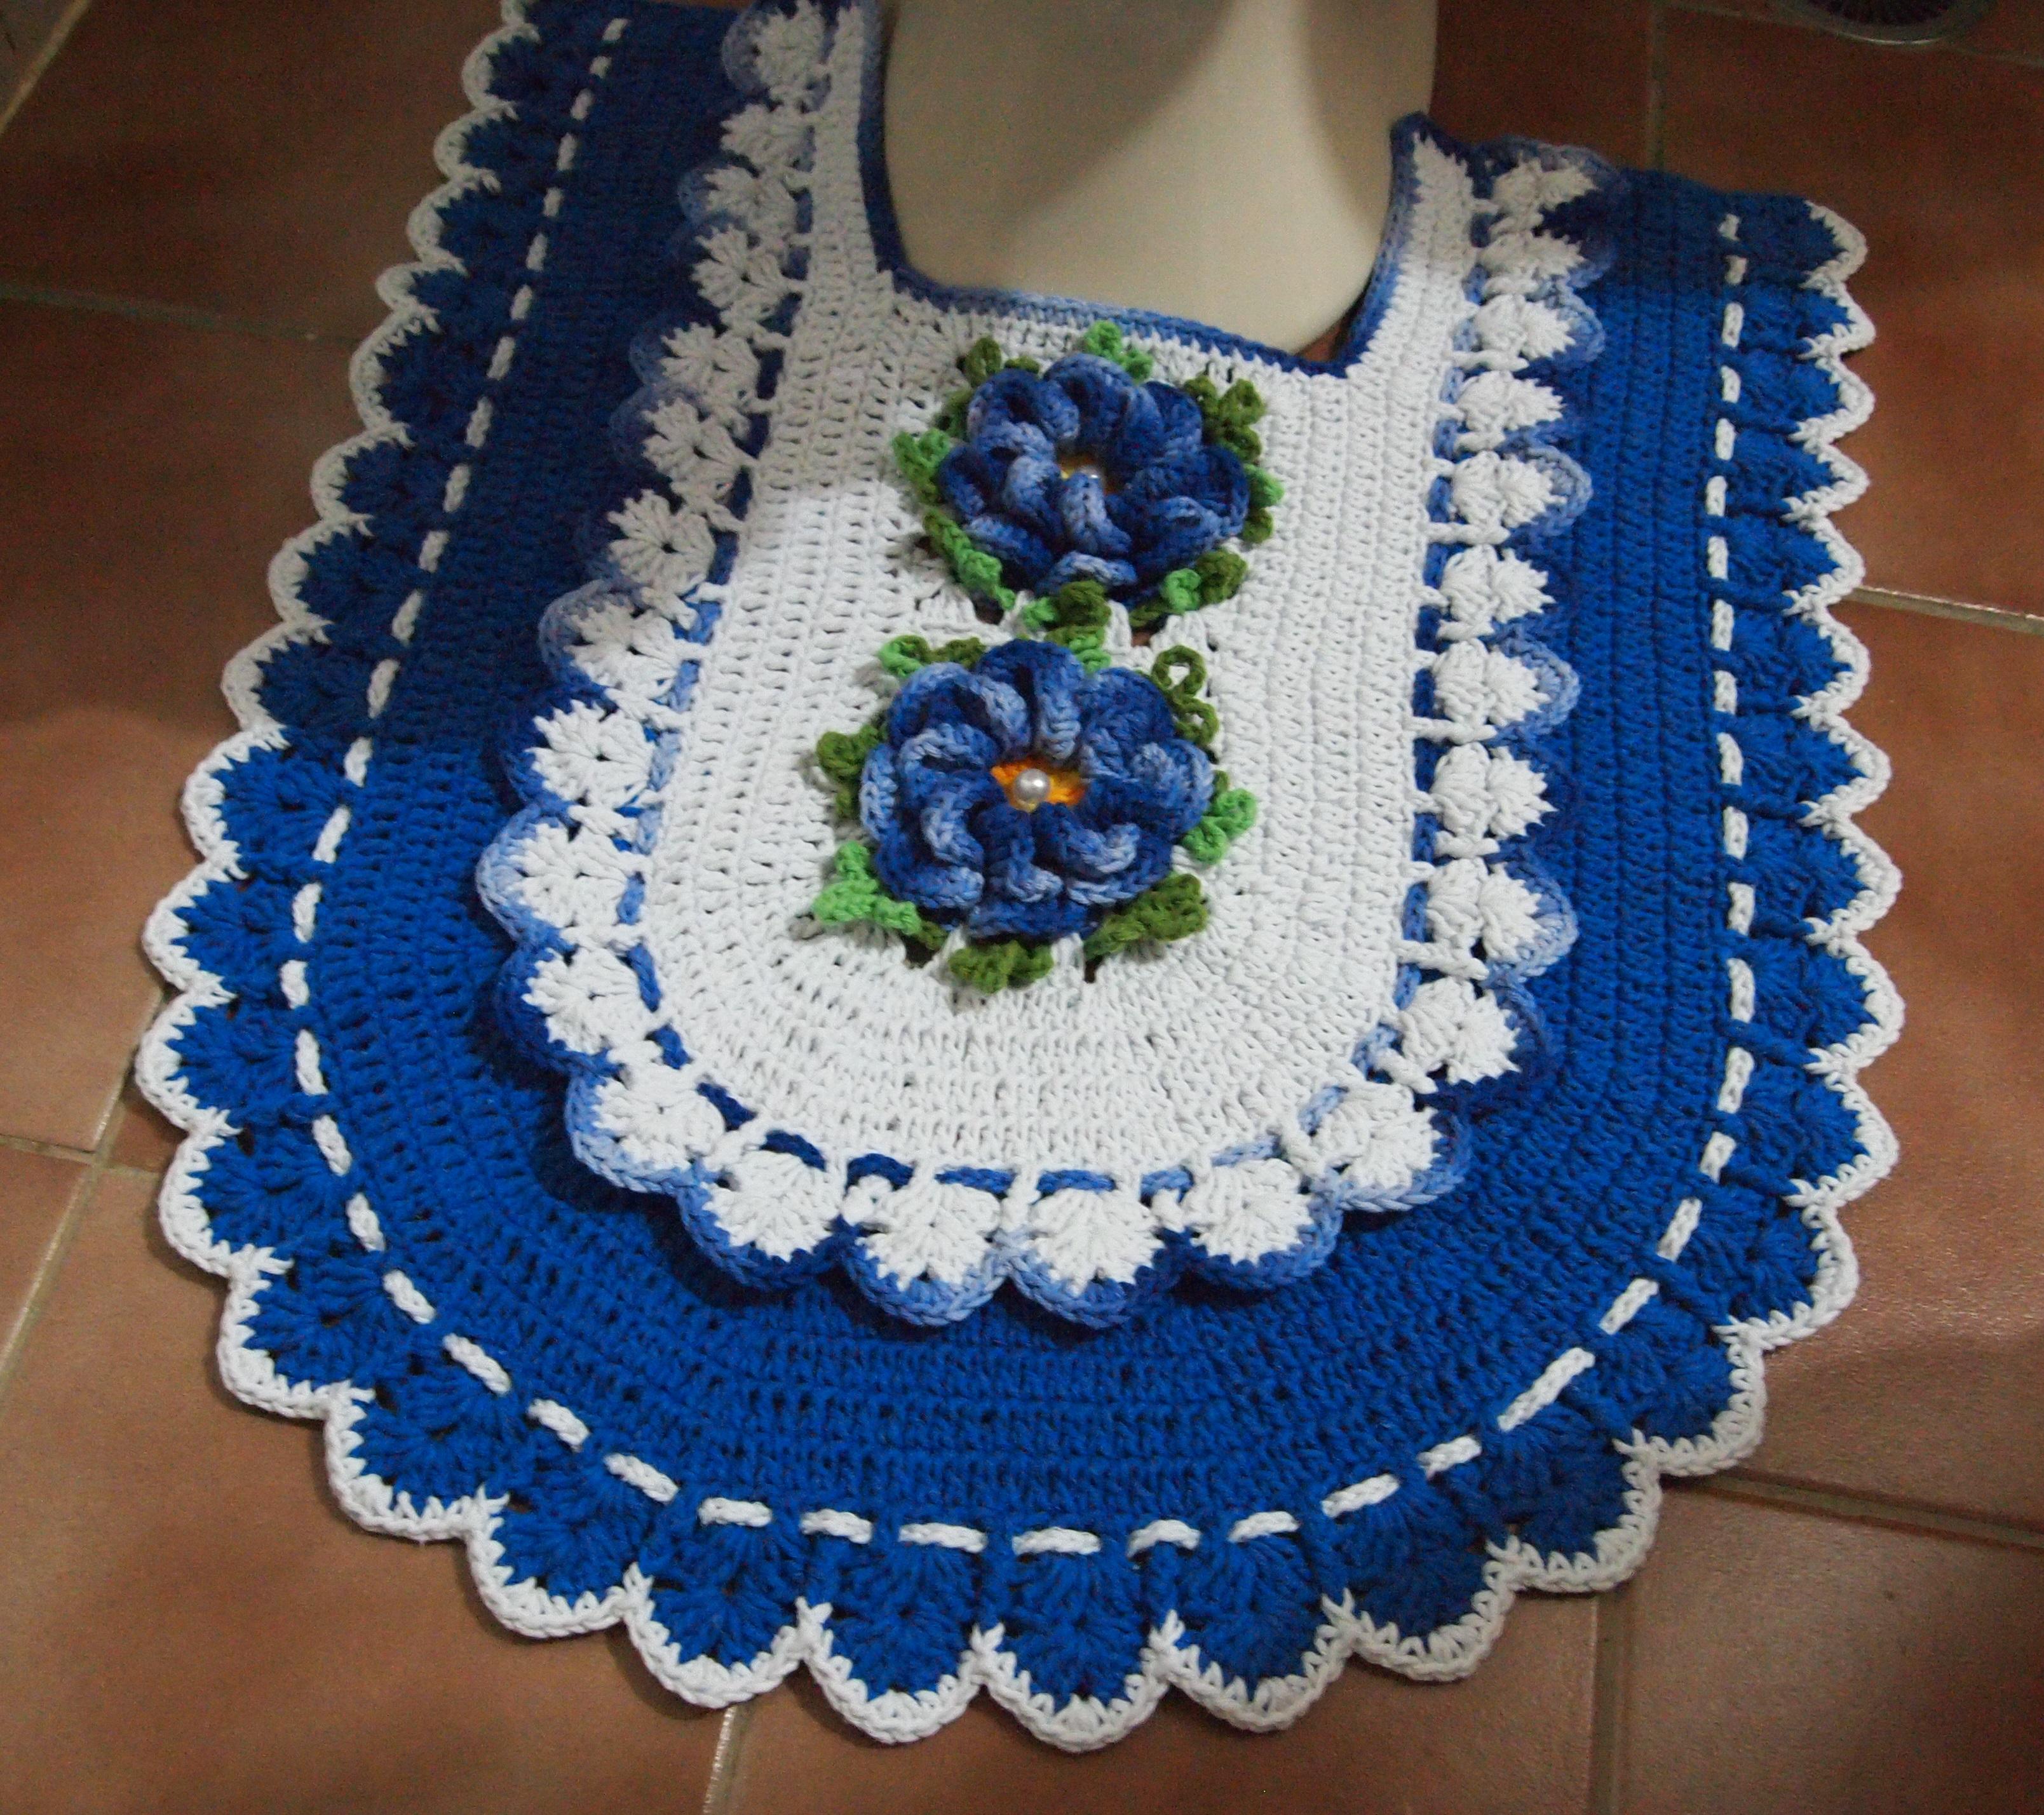 banheiro azul e branco banheiro jogo de banheiro azul e branco croche #083578 3217x2857 Banheiro Branco E Azul